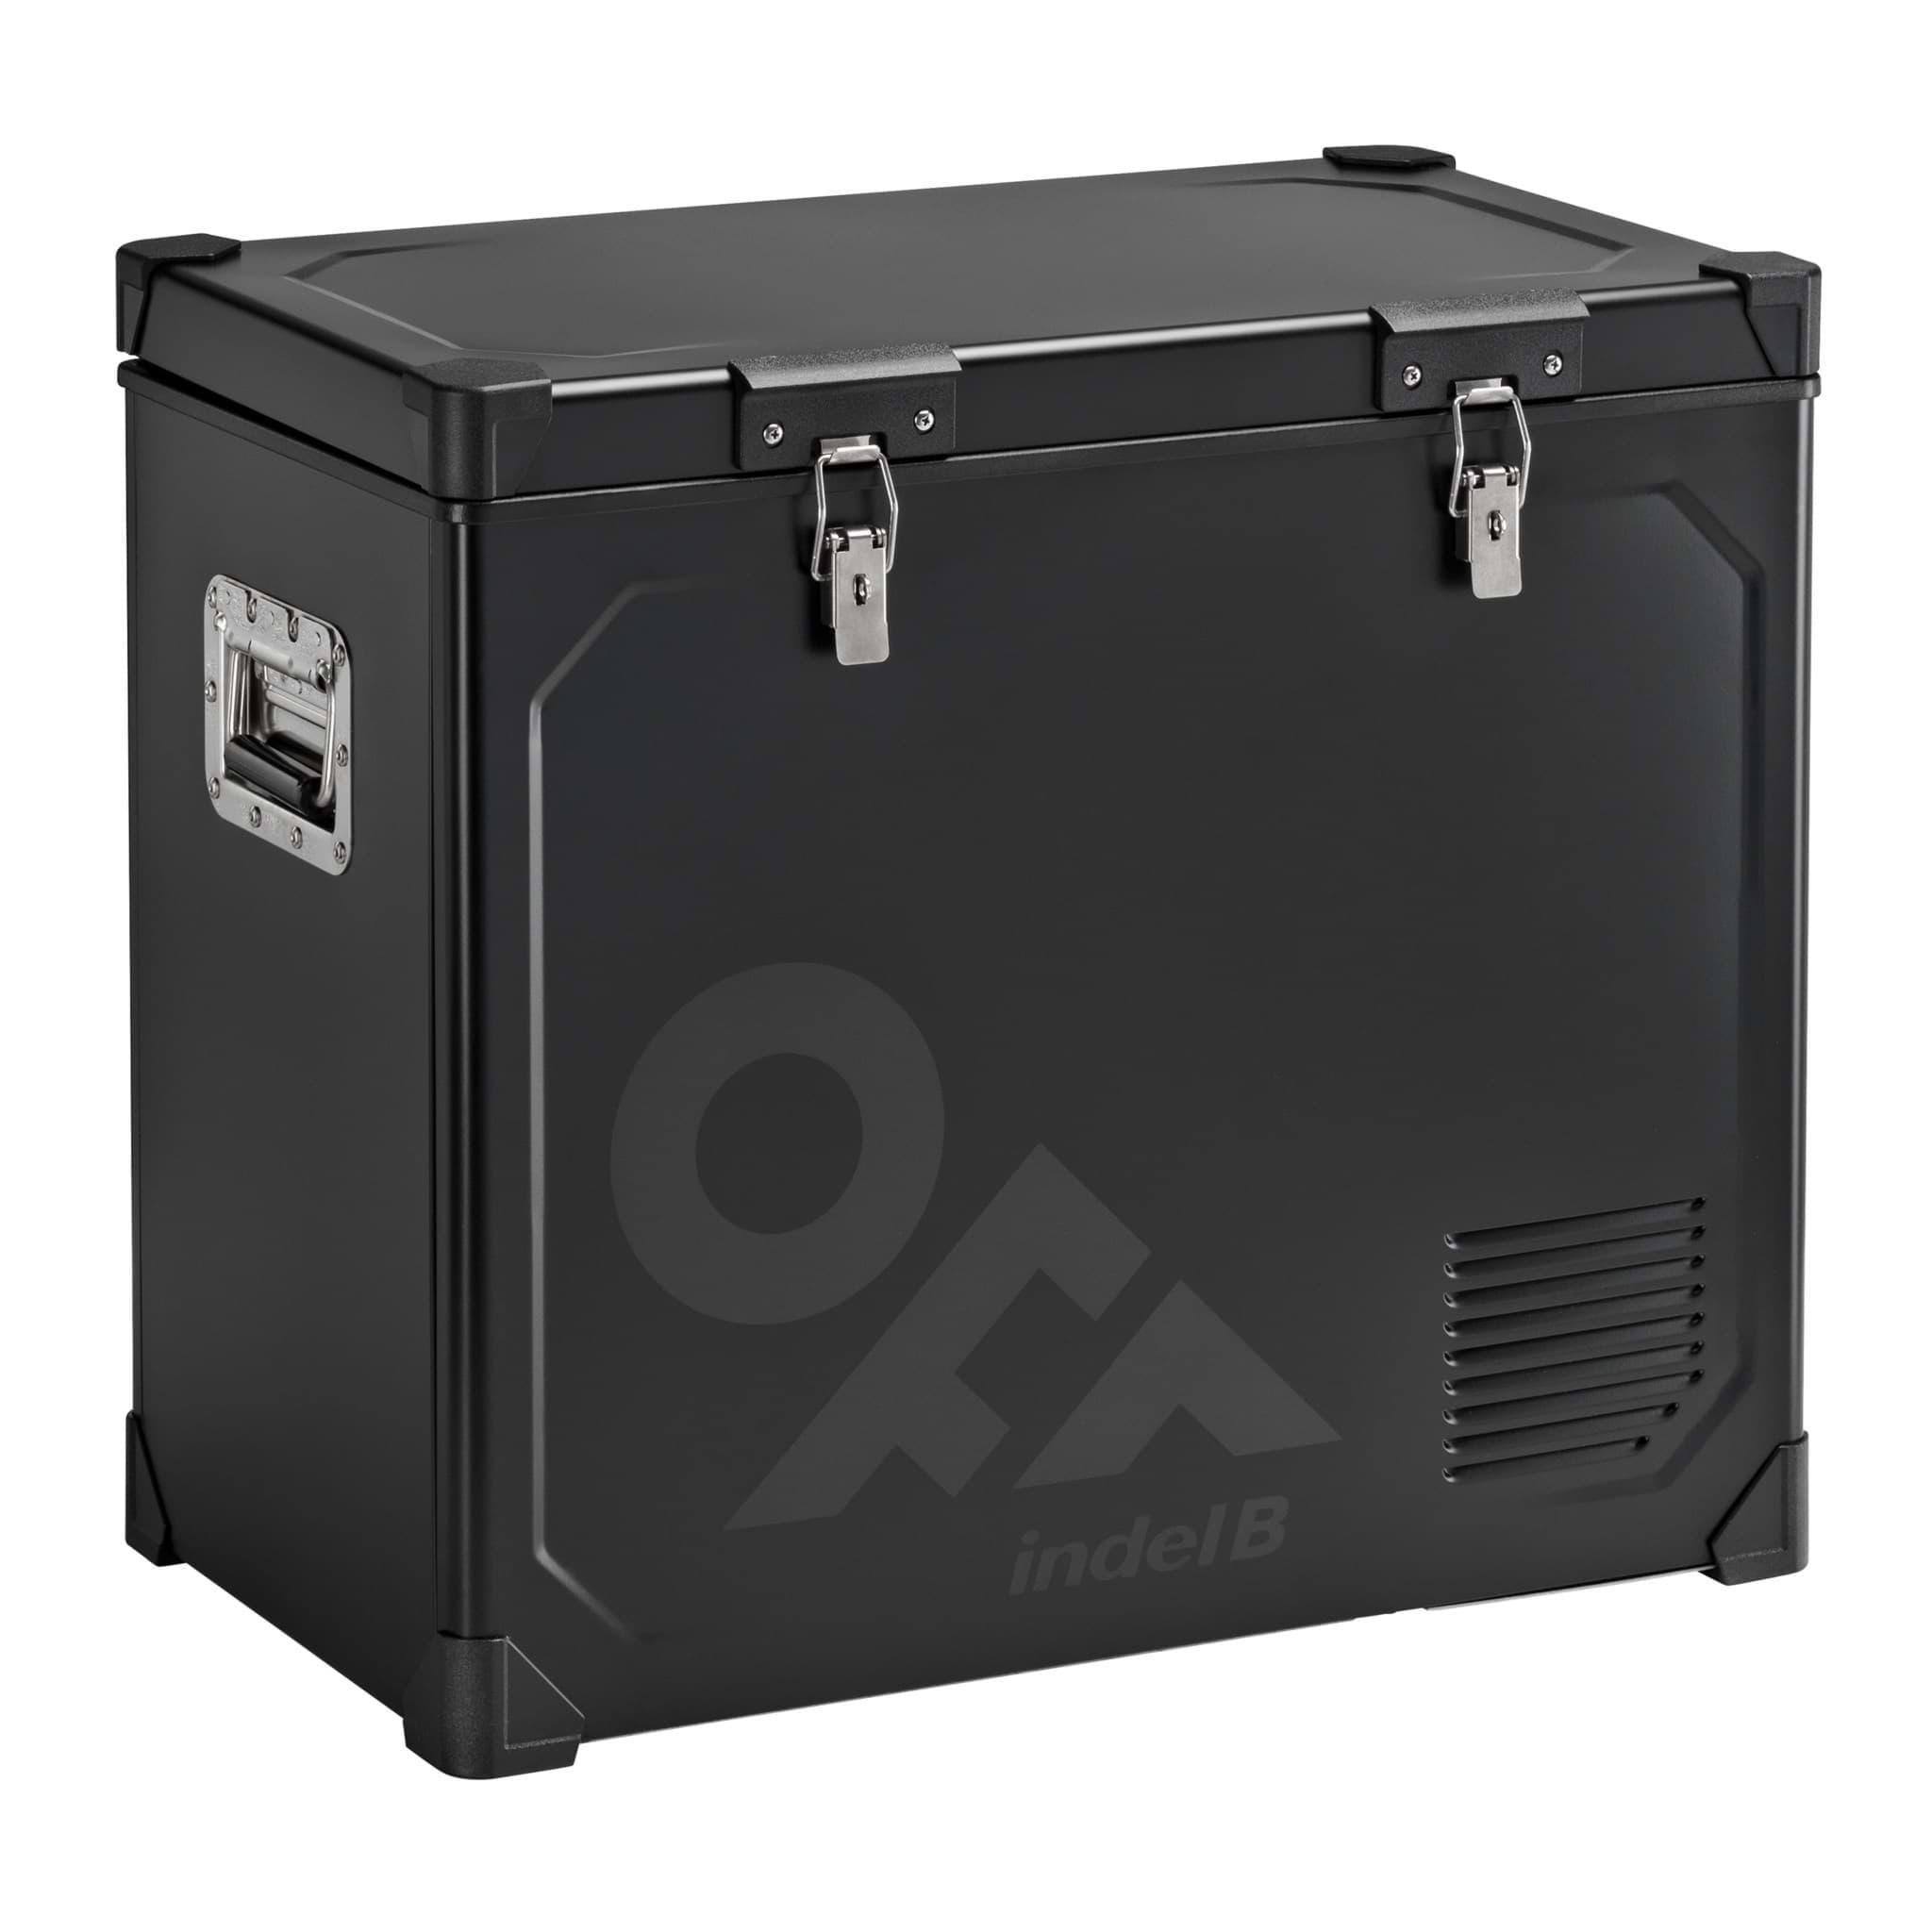 Indel B TB60 Compressor Koel- Vrieskist 12/24V 60 liter